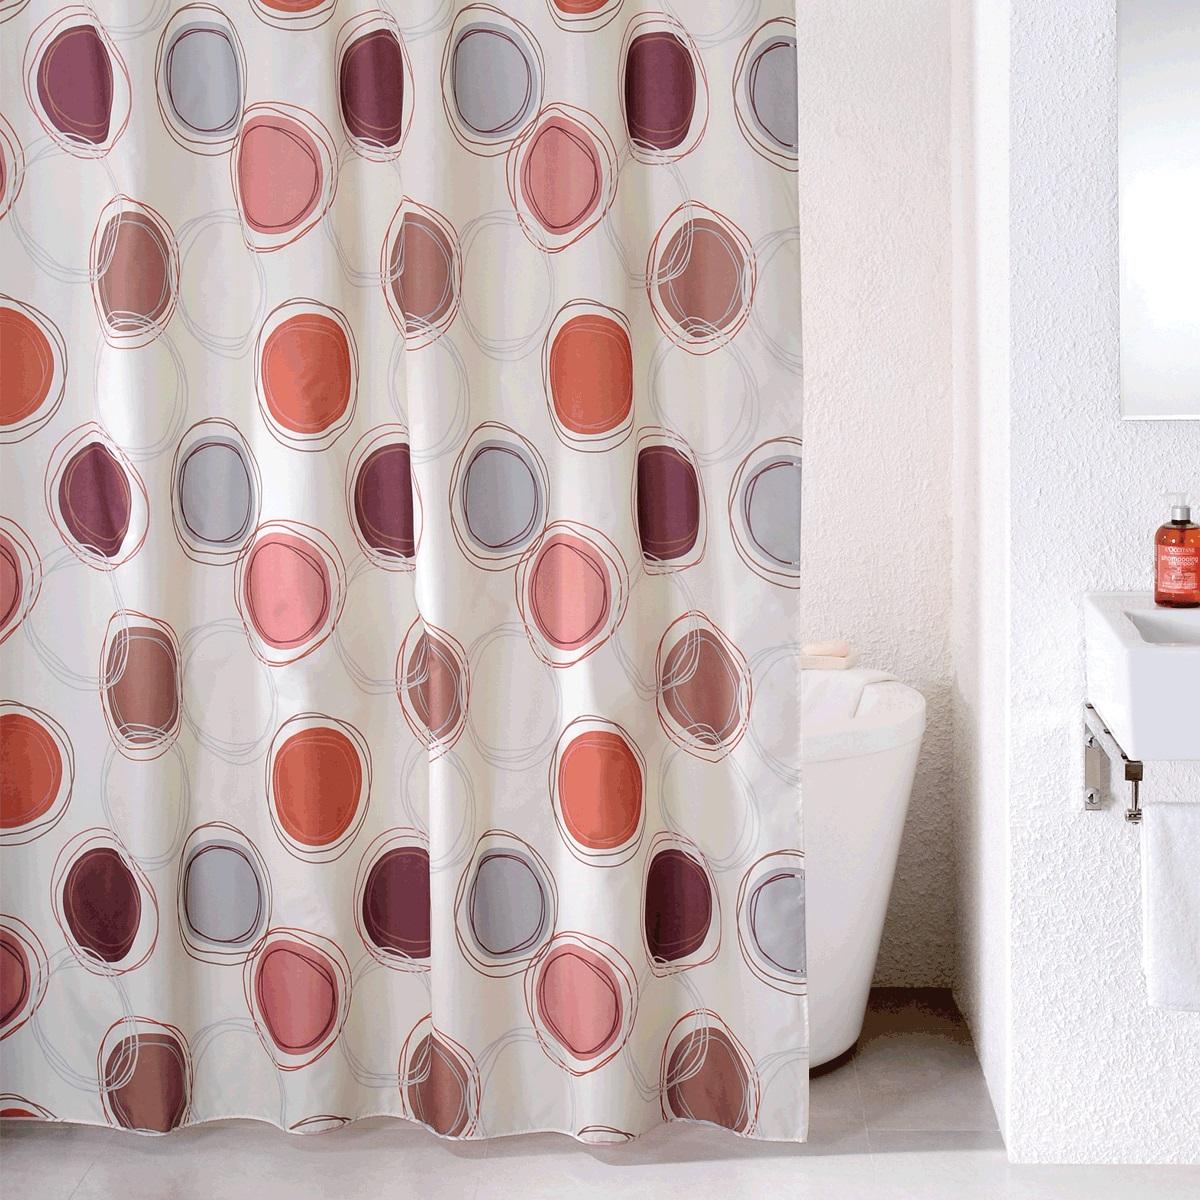 Штора для ванной Milardo Sea Stones, цвет: мультиколор, 180 x 200 см690P180M11материал: текстиль, 100% полиэстер, водоотталкивающая пропитка, упаковка ПВХ пакет, плотность 90 г/м, 12 металлических люверсов, 12 колец в комплекте